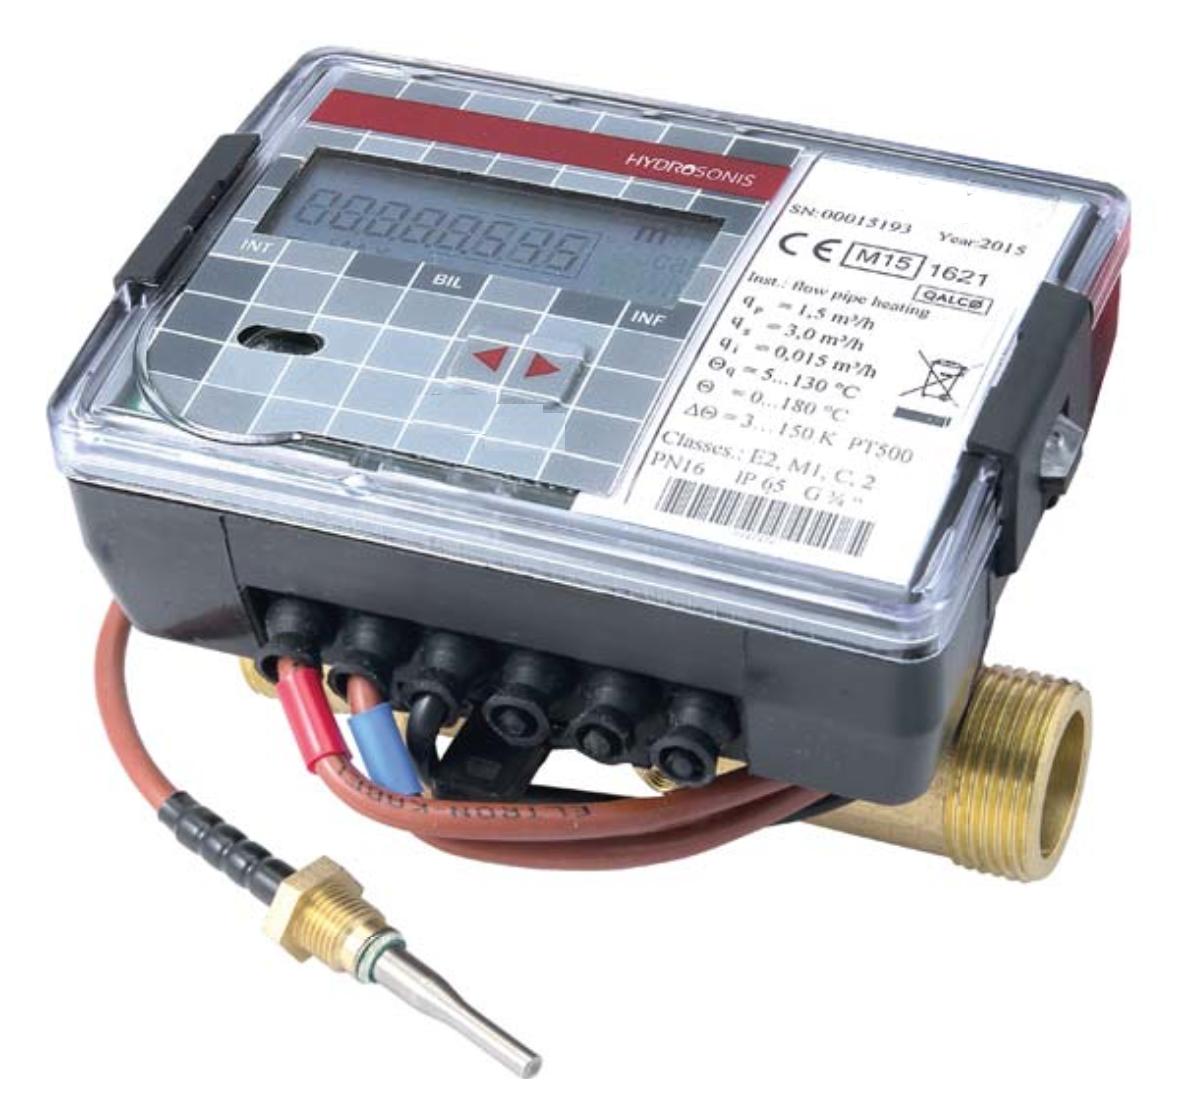 Ultrazvukový kompaktní měřiče tepla SMARTm UKMT